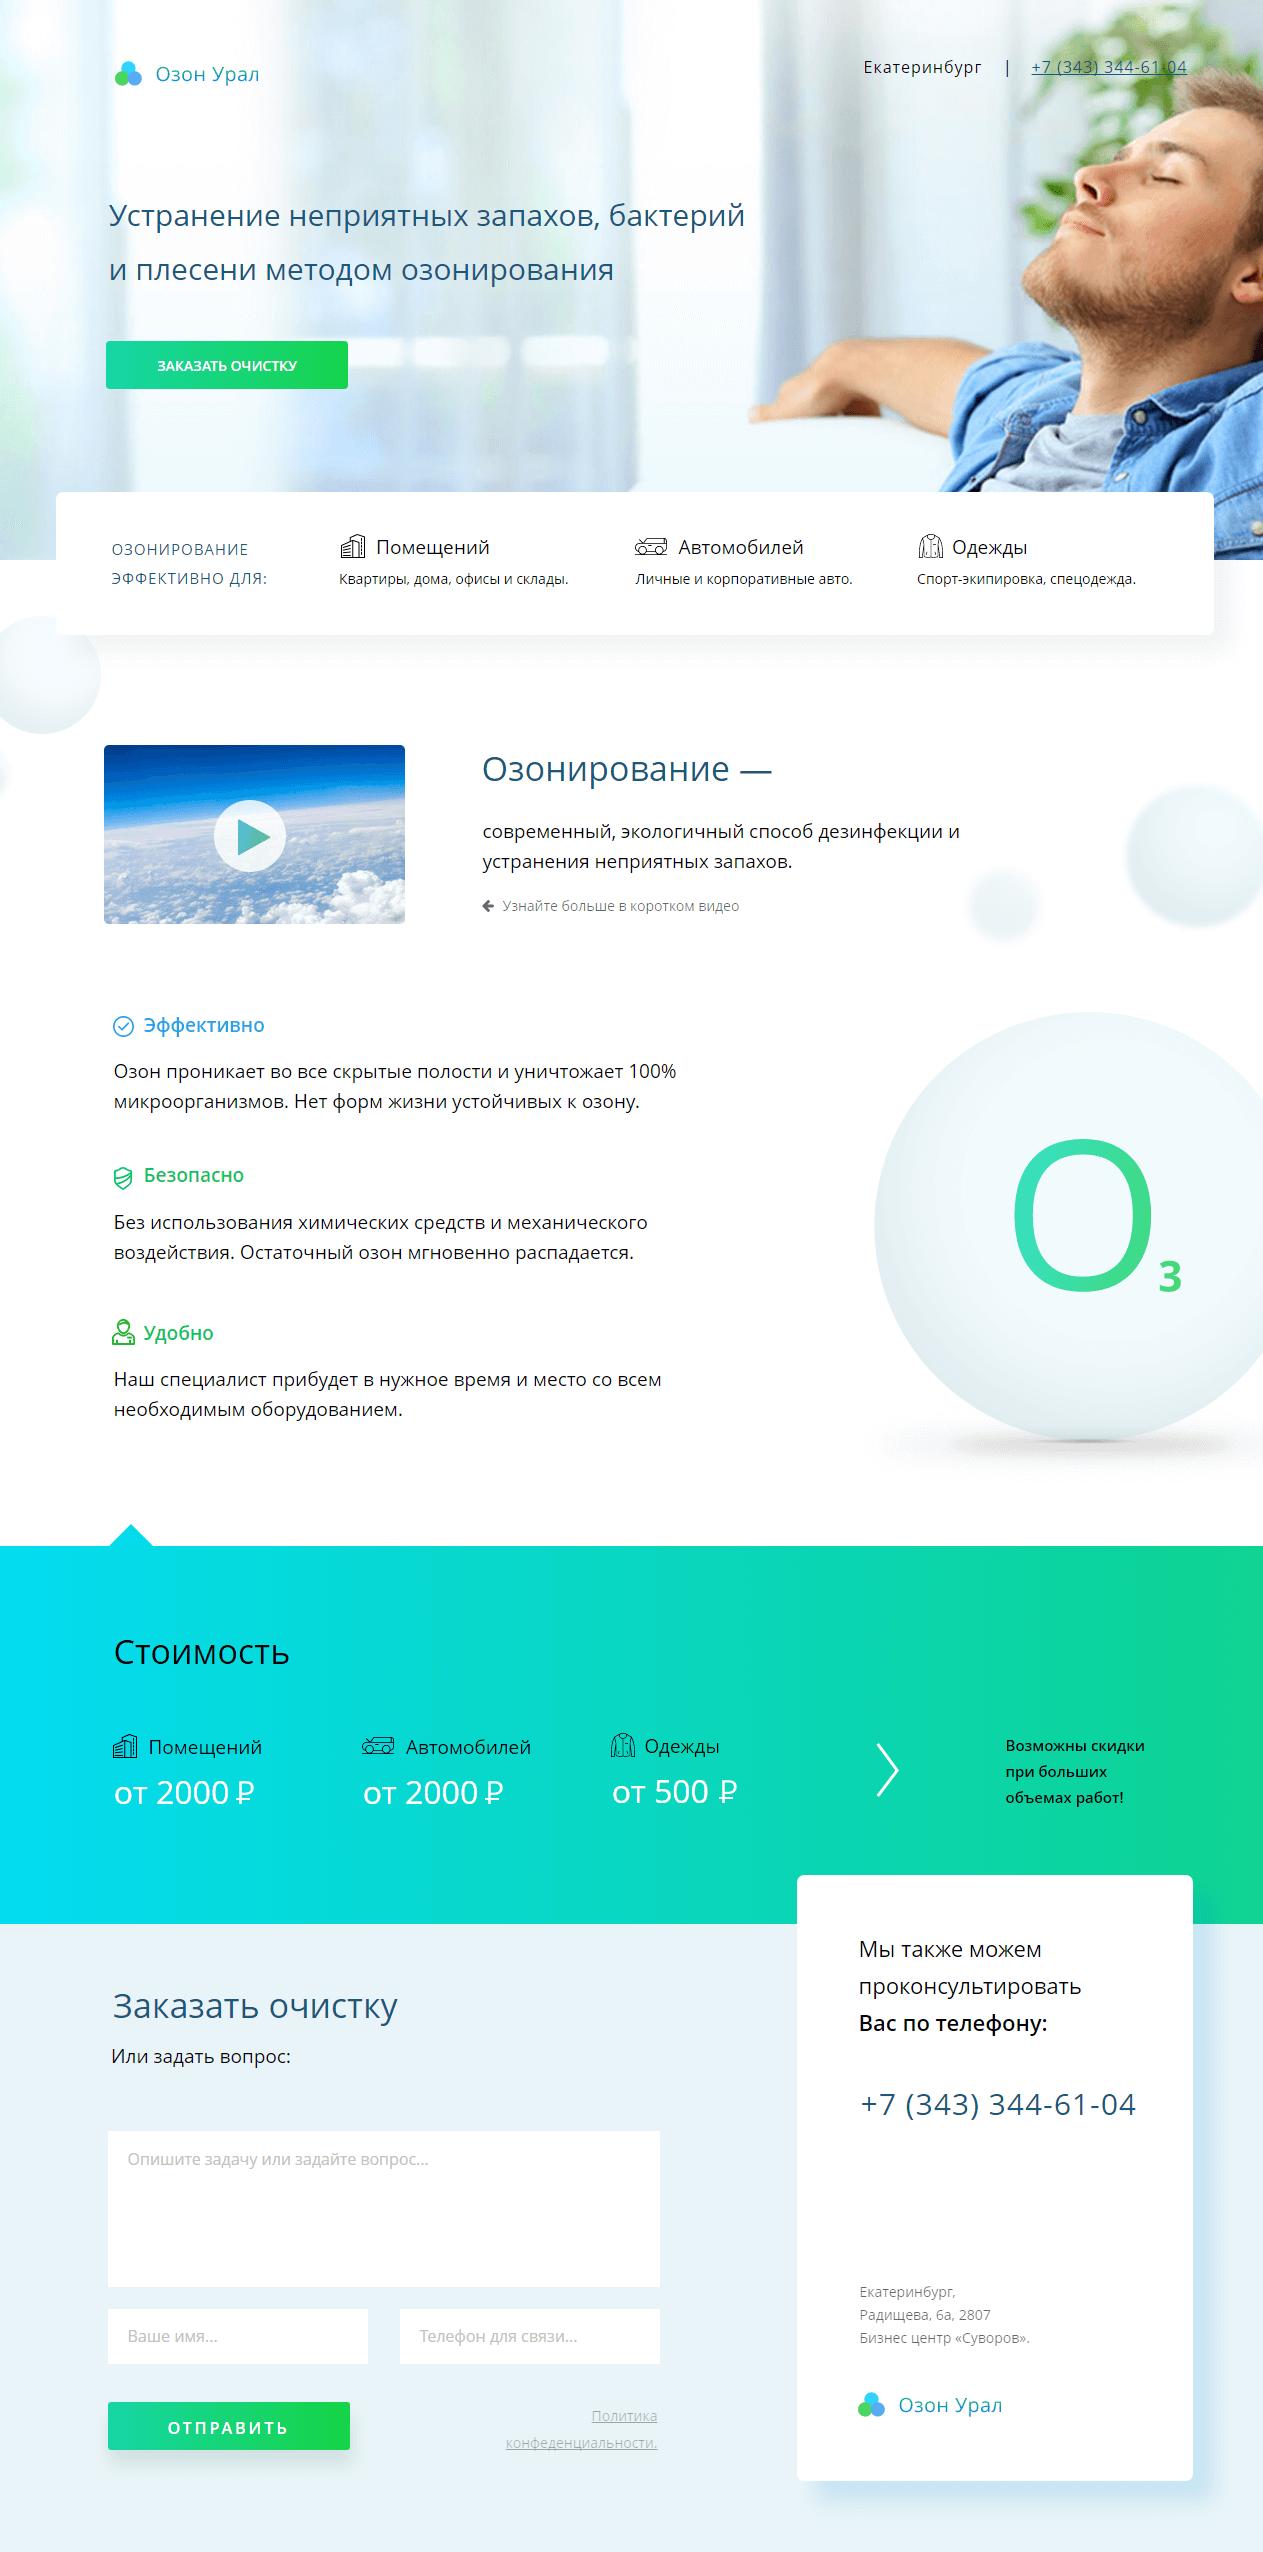 Адаптивная верстка Озон Урал в Adobe Muse